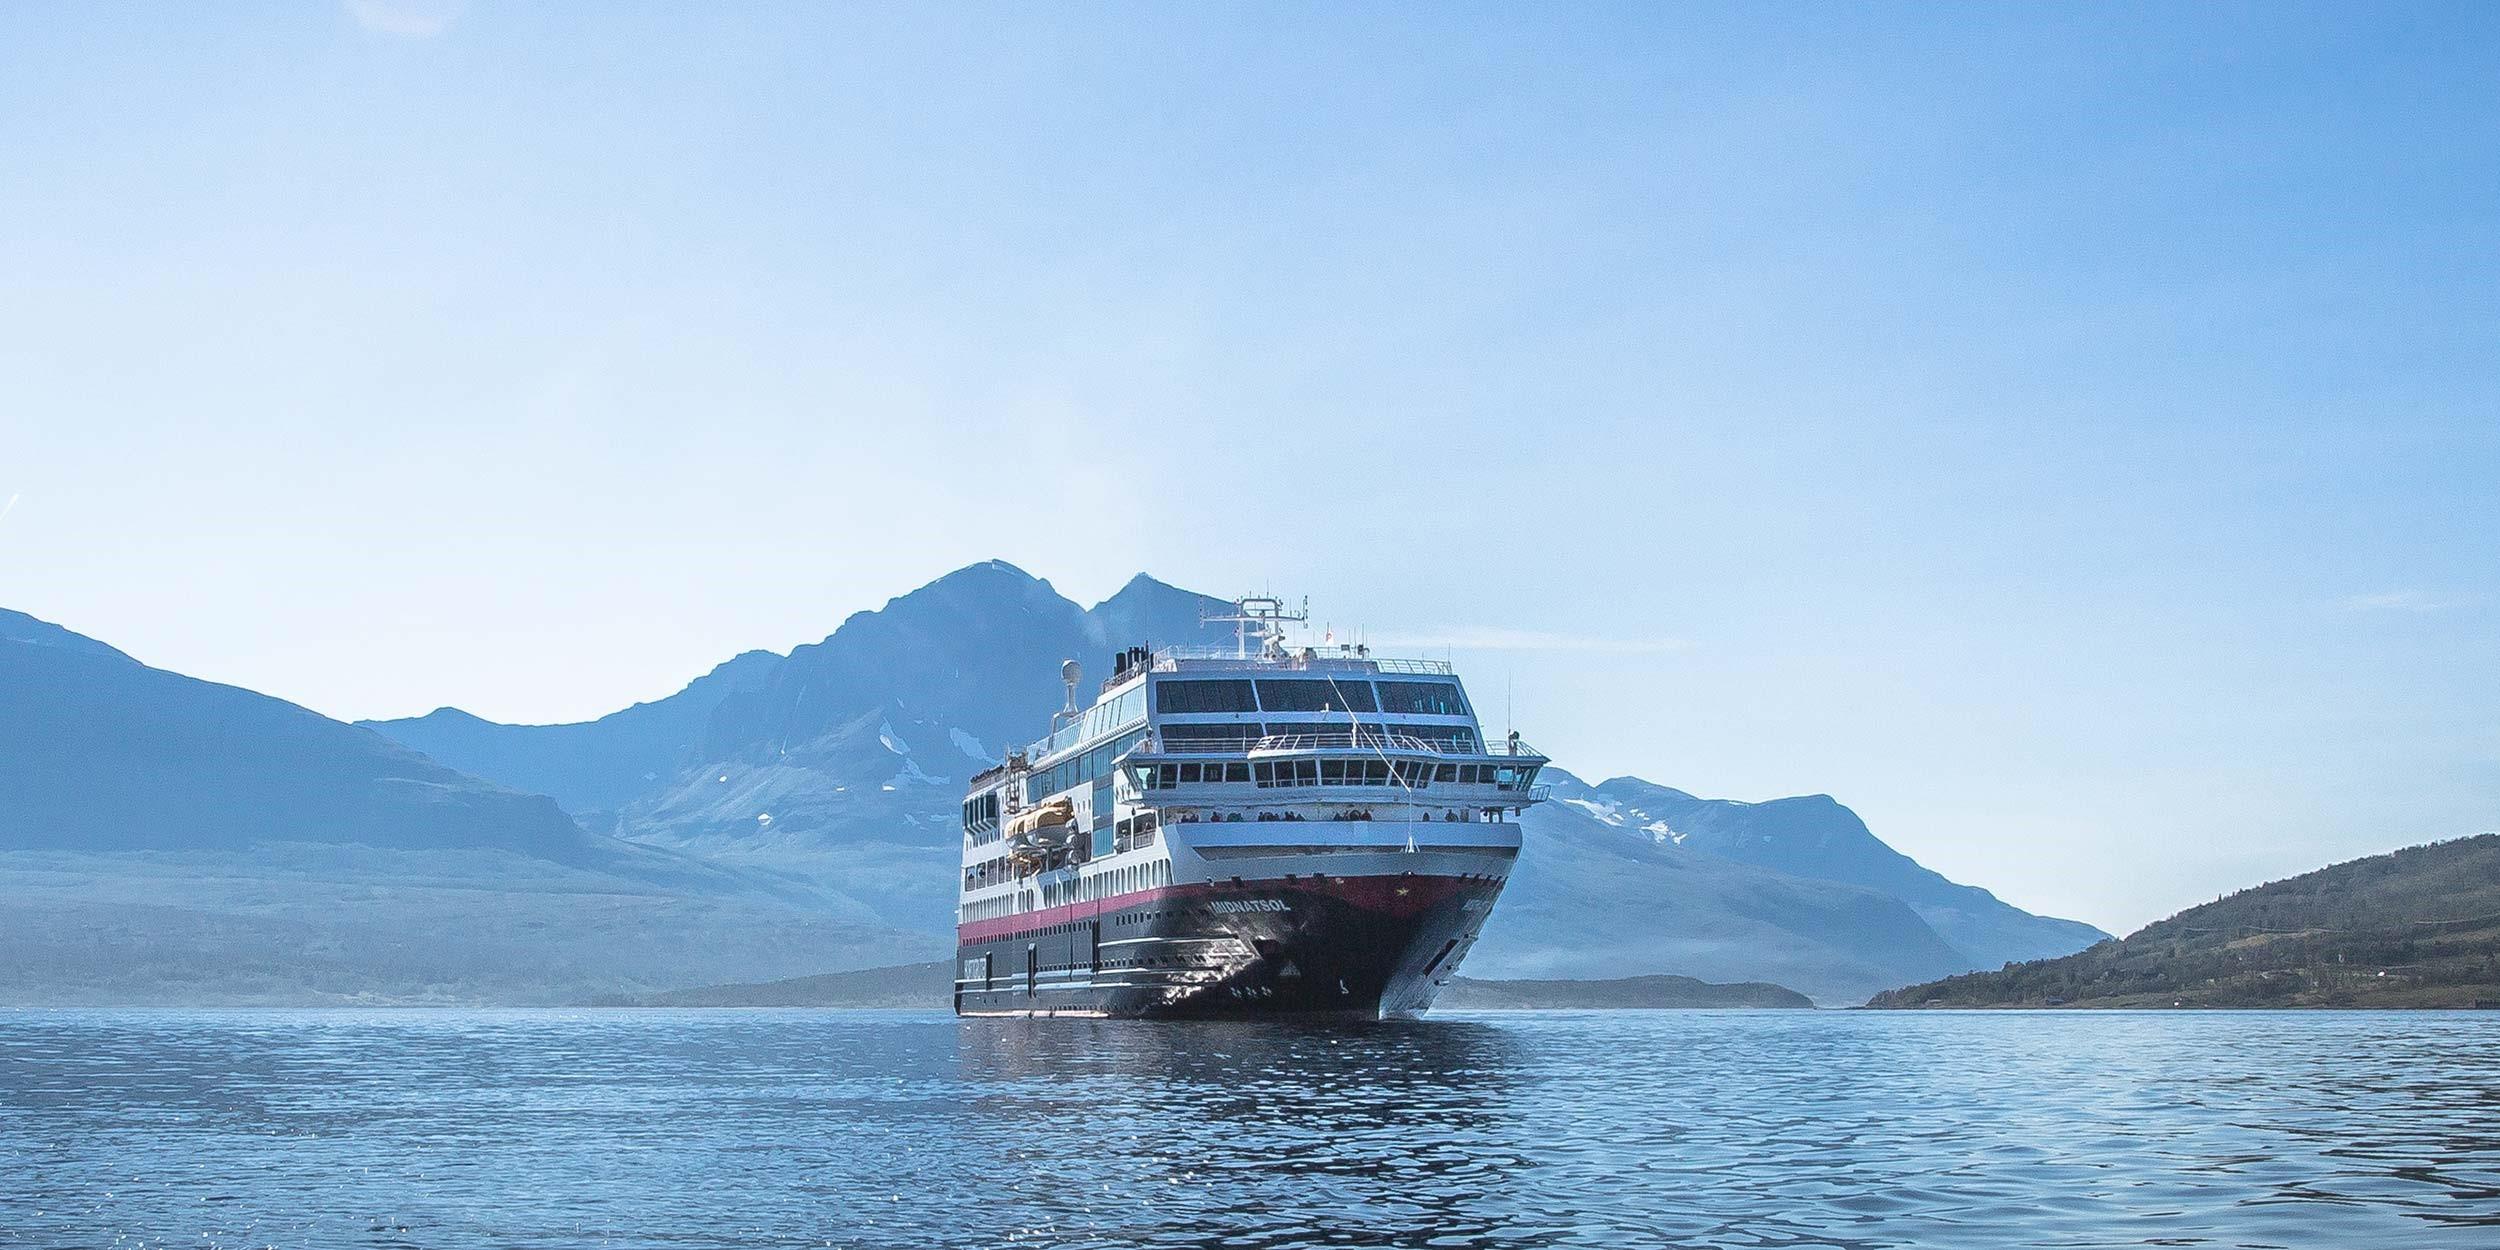 Cruise ship Midnatsol - Hurtigruten